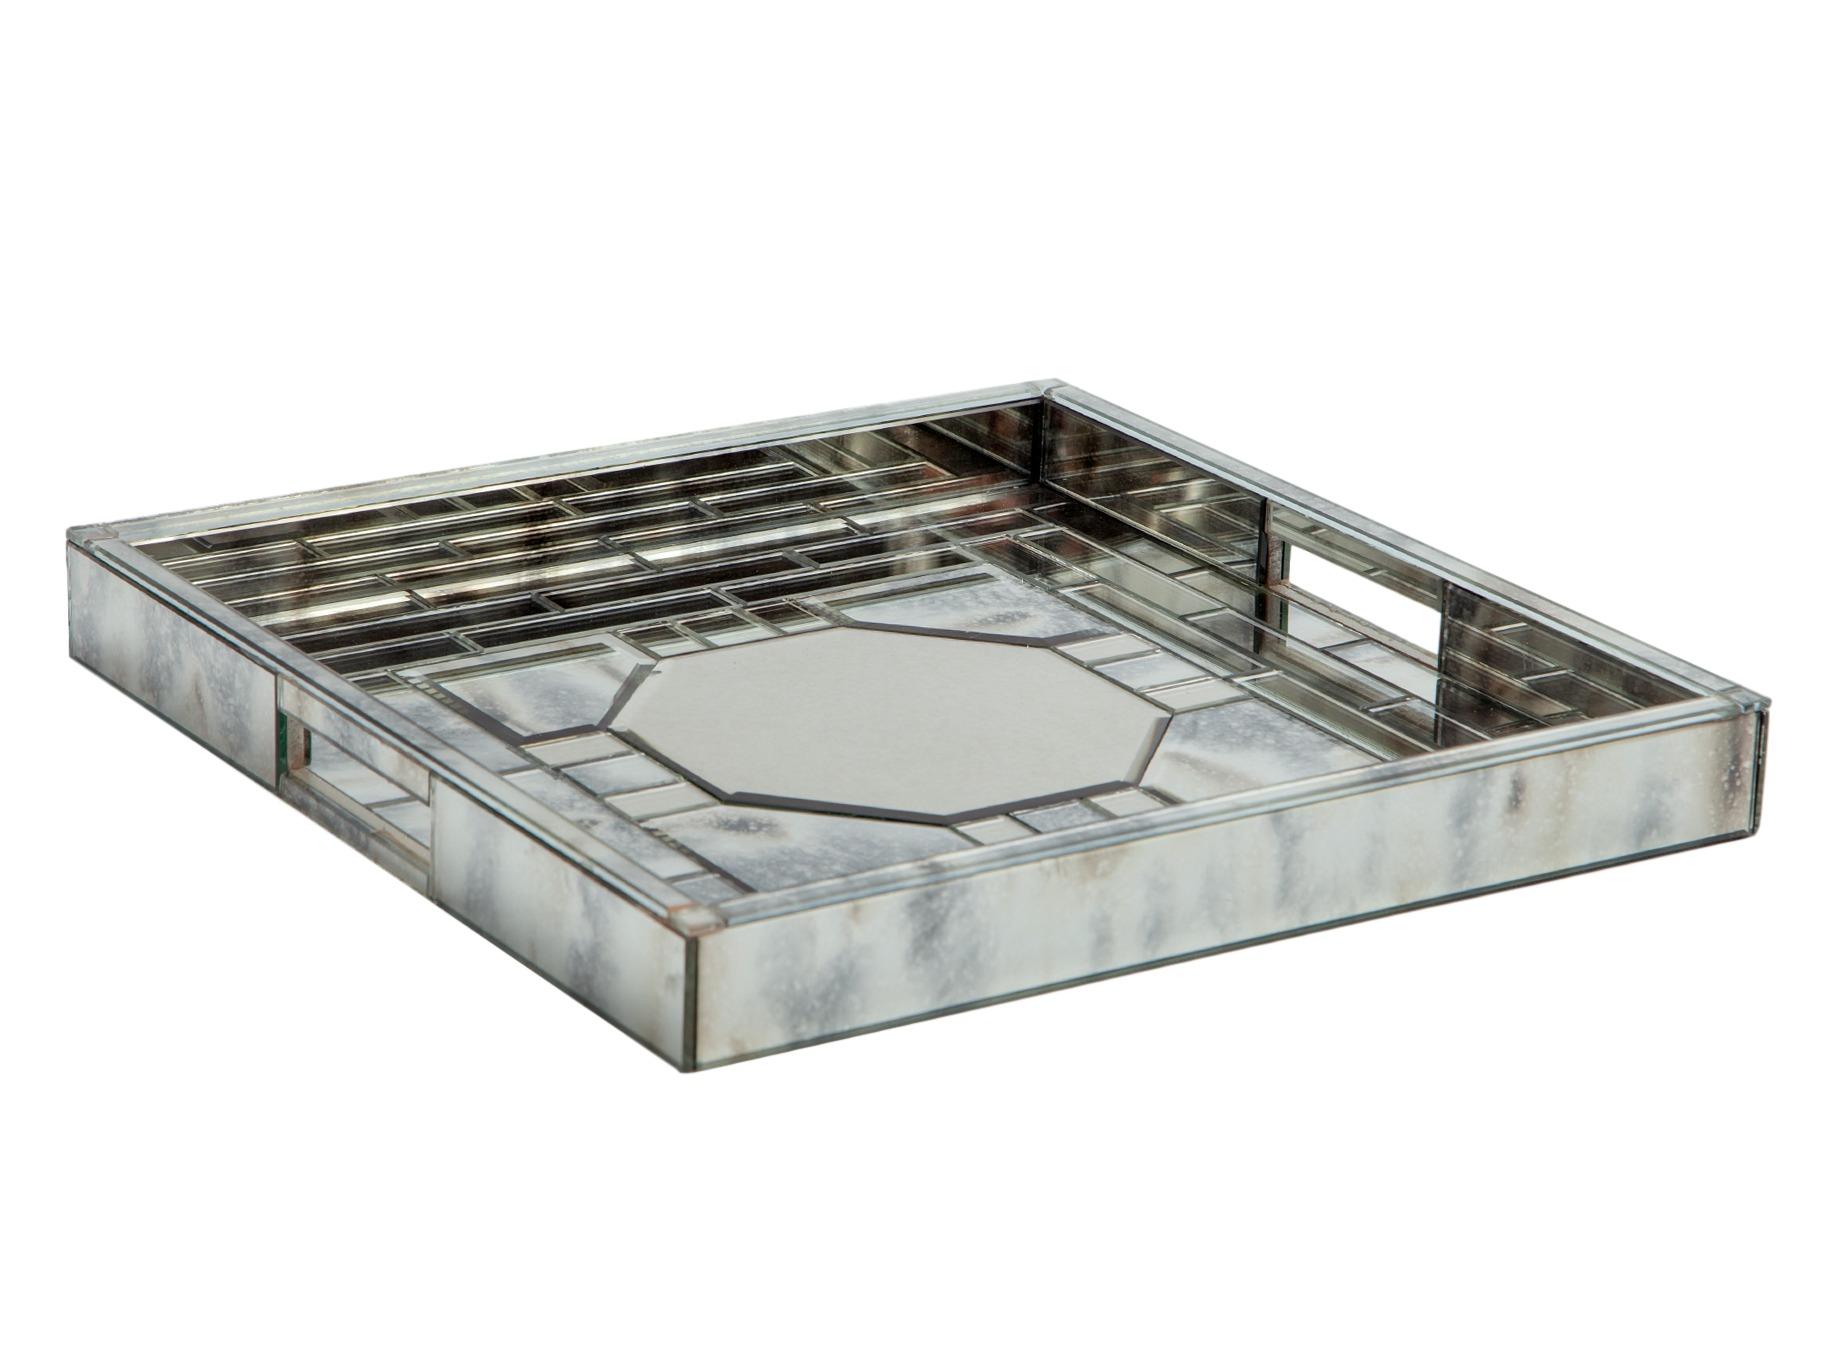 Поднос зеркальныйДекоративные подносы<br>Поднос, декорированный вставками из зеркального стекла.<br><br>Material: Стекло<br>Width см: 41<br>Depth см: 41<br>Height см: 5